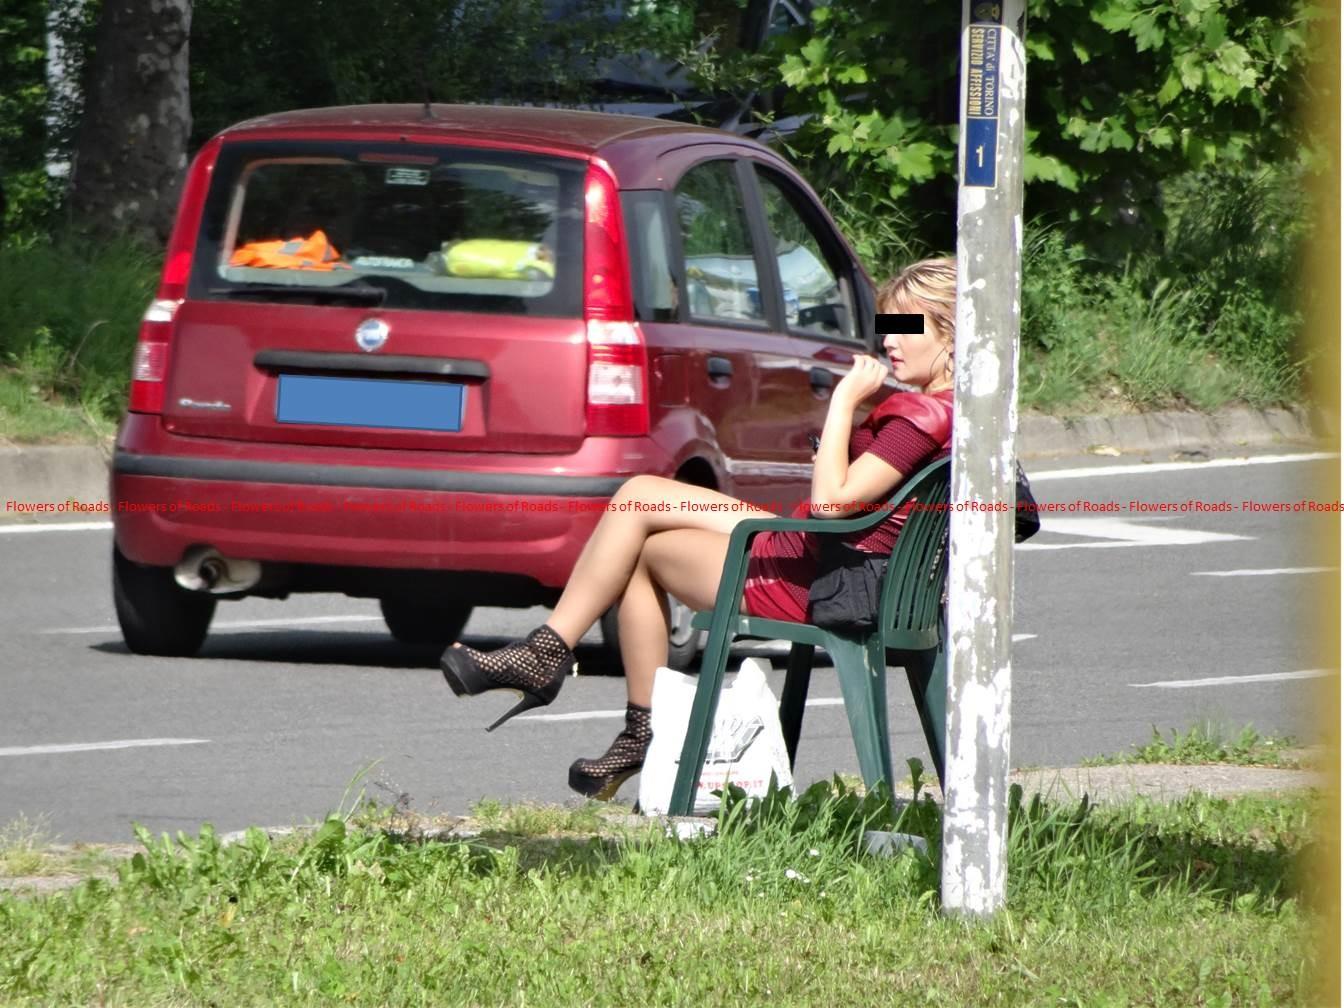 Снять на дороге в москве шлюху, Проститутки выезд на дом в Москве недорого Снять 7 фотография